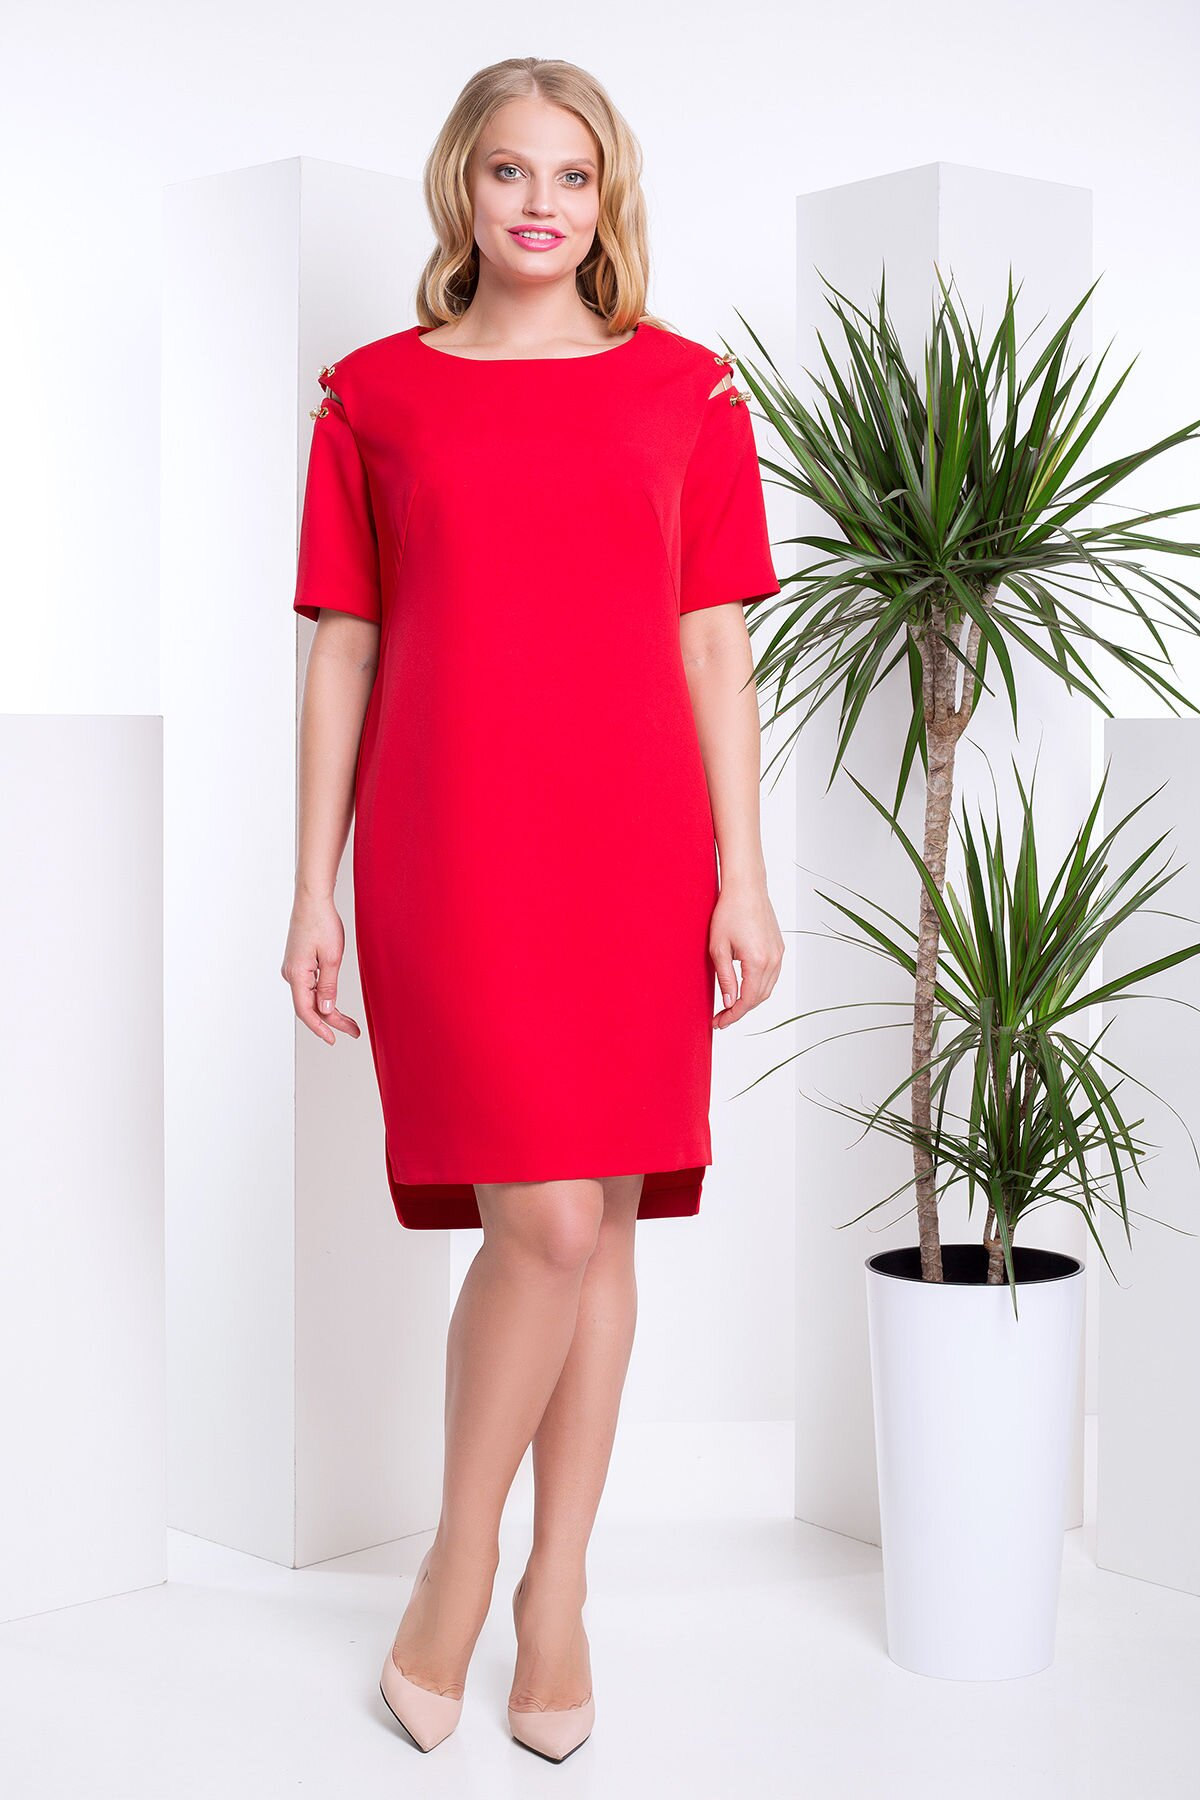 d21ba2518e0 Красивое Платье на Весну с Удлиненной Спинкой Большого Размера ...